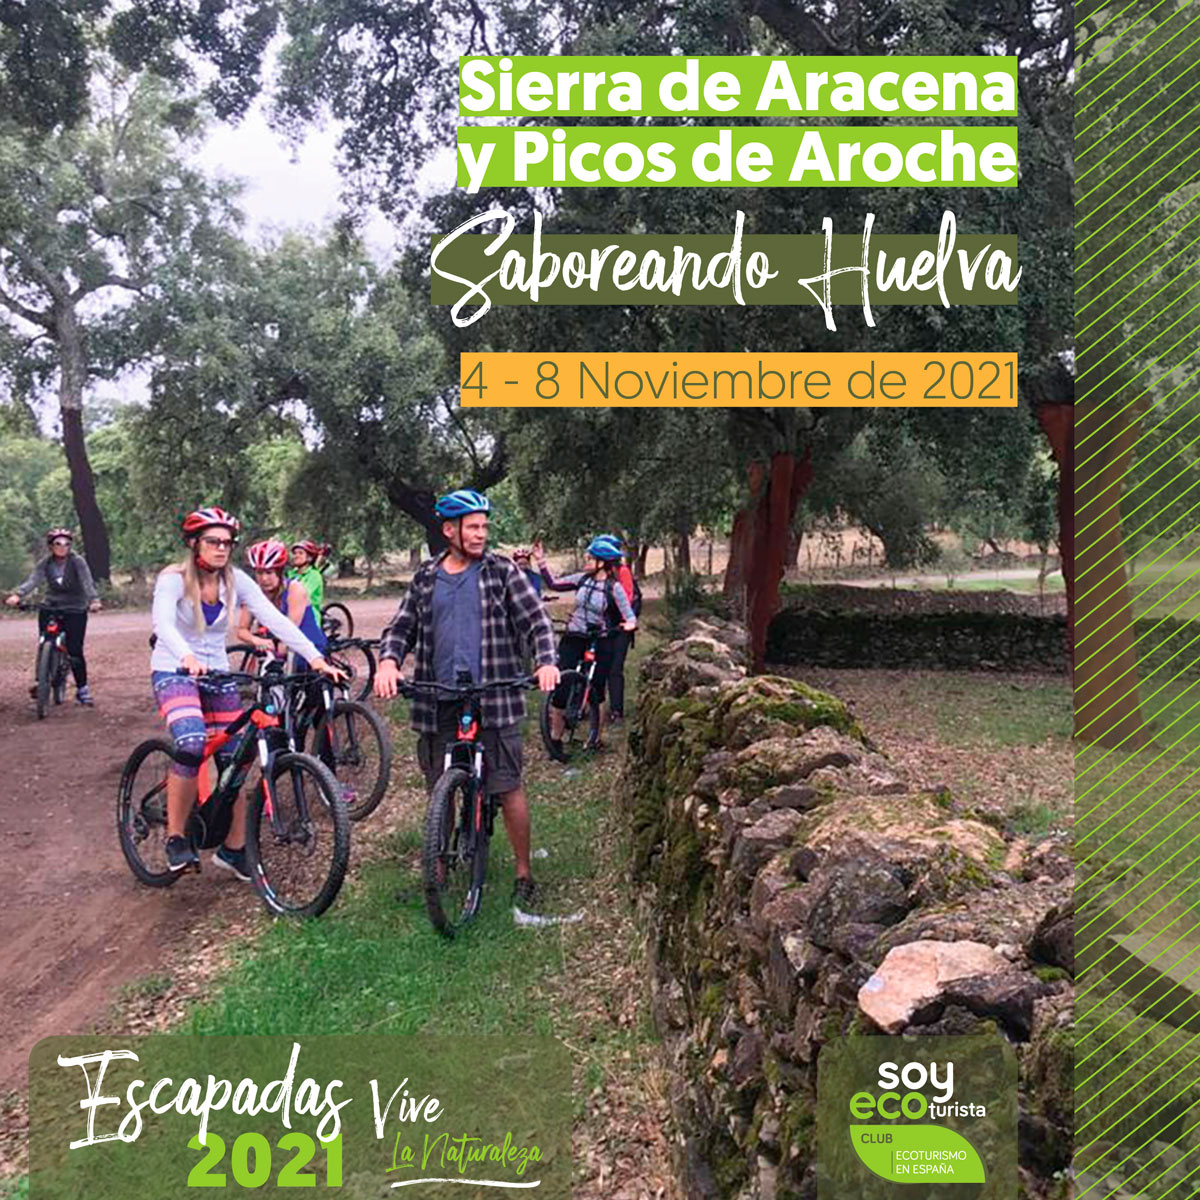 Escapada ecoturismo noviembre a Sierra de Aracena